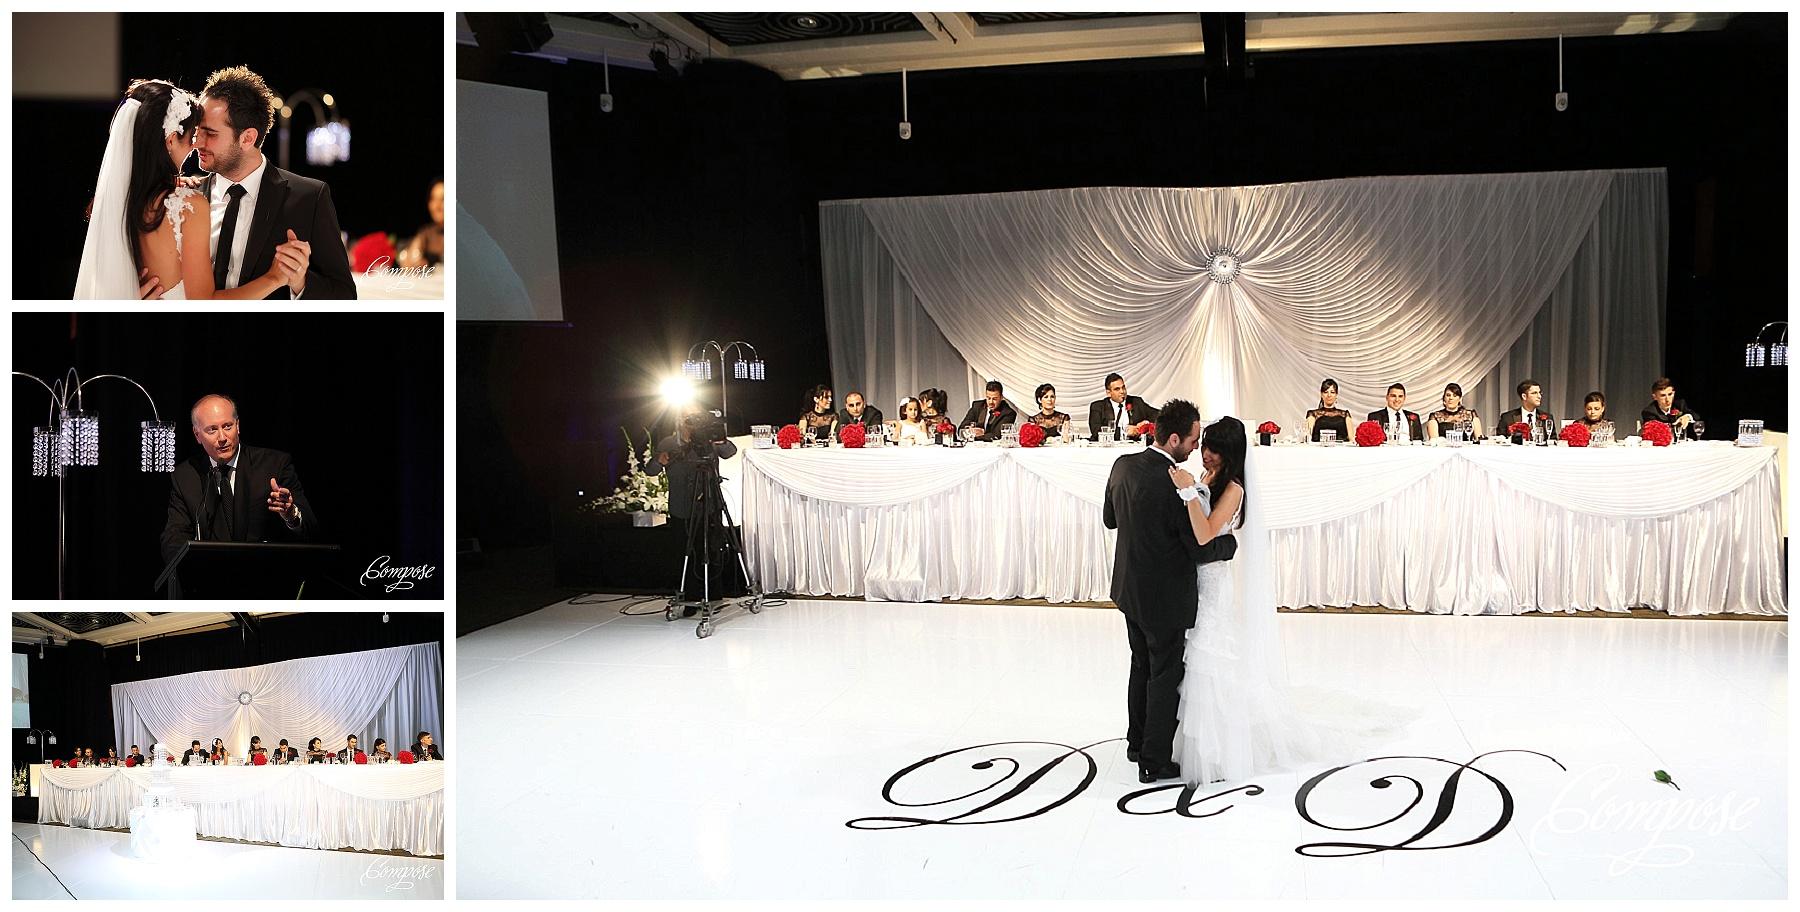 Hyatt grand ballroom wedding